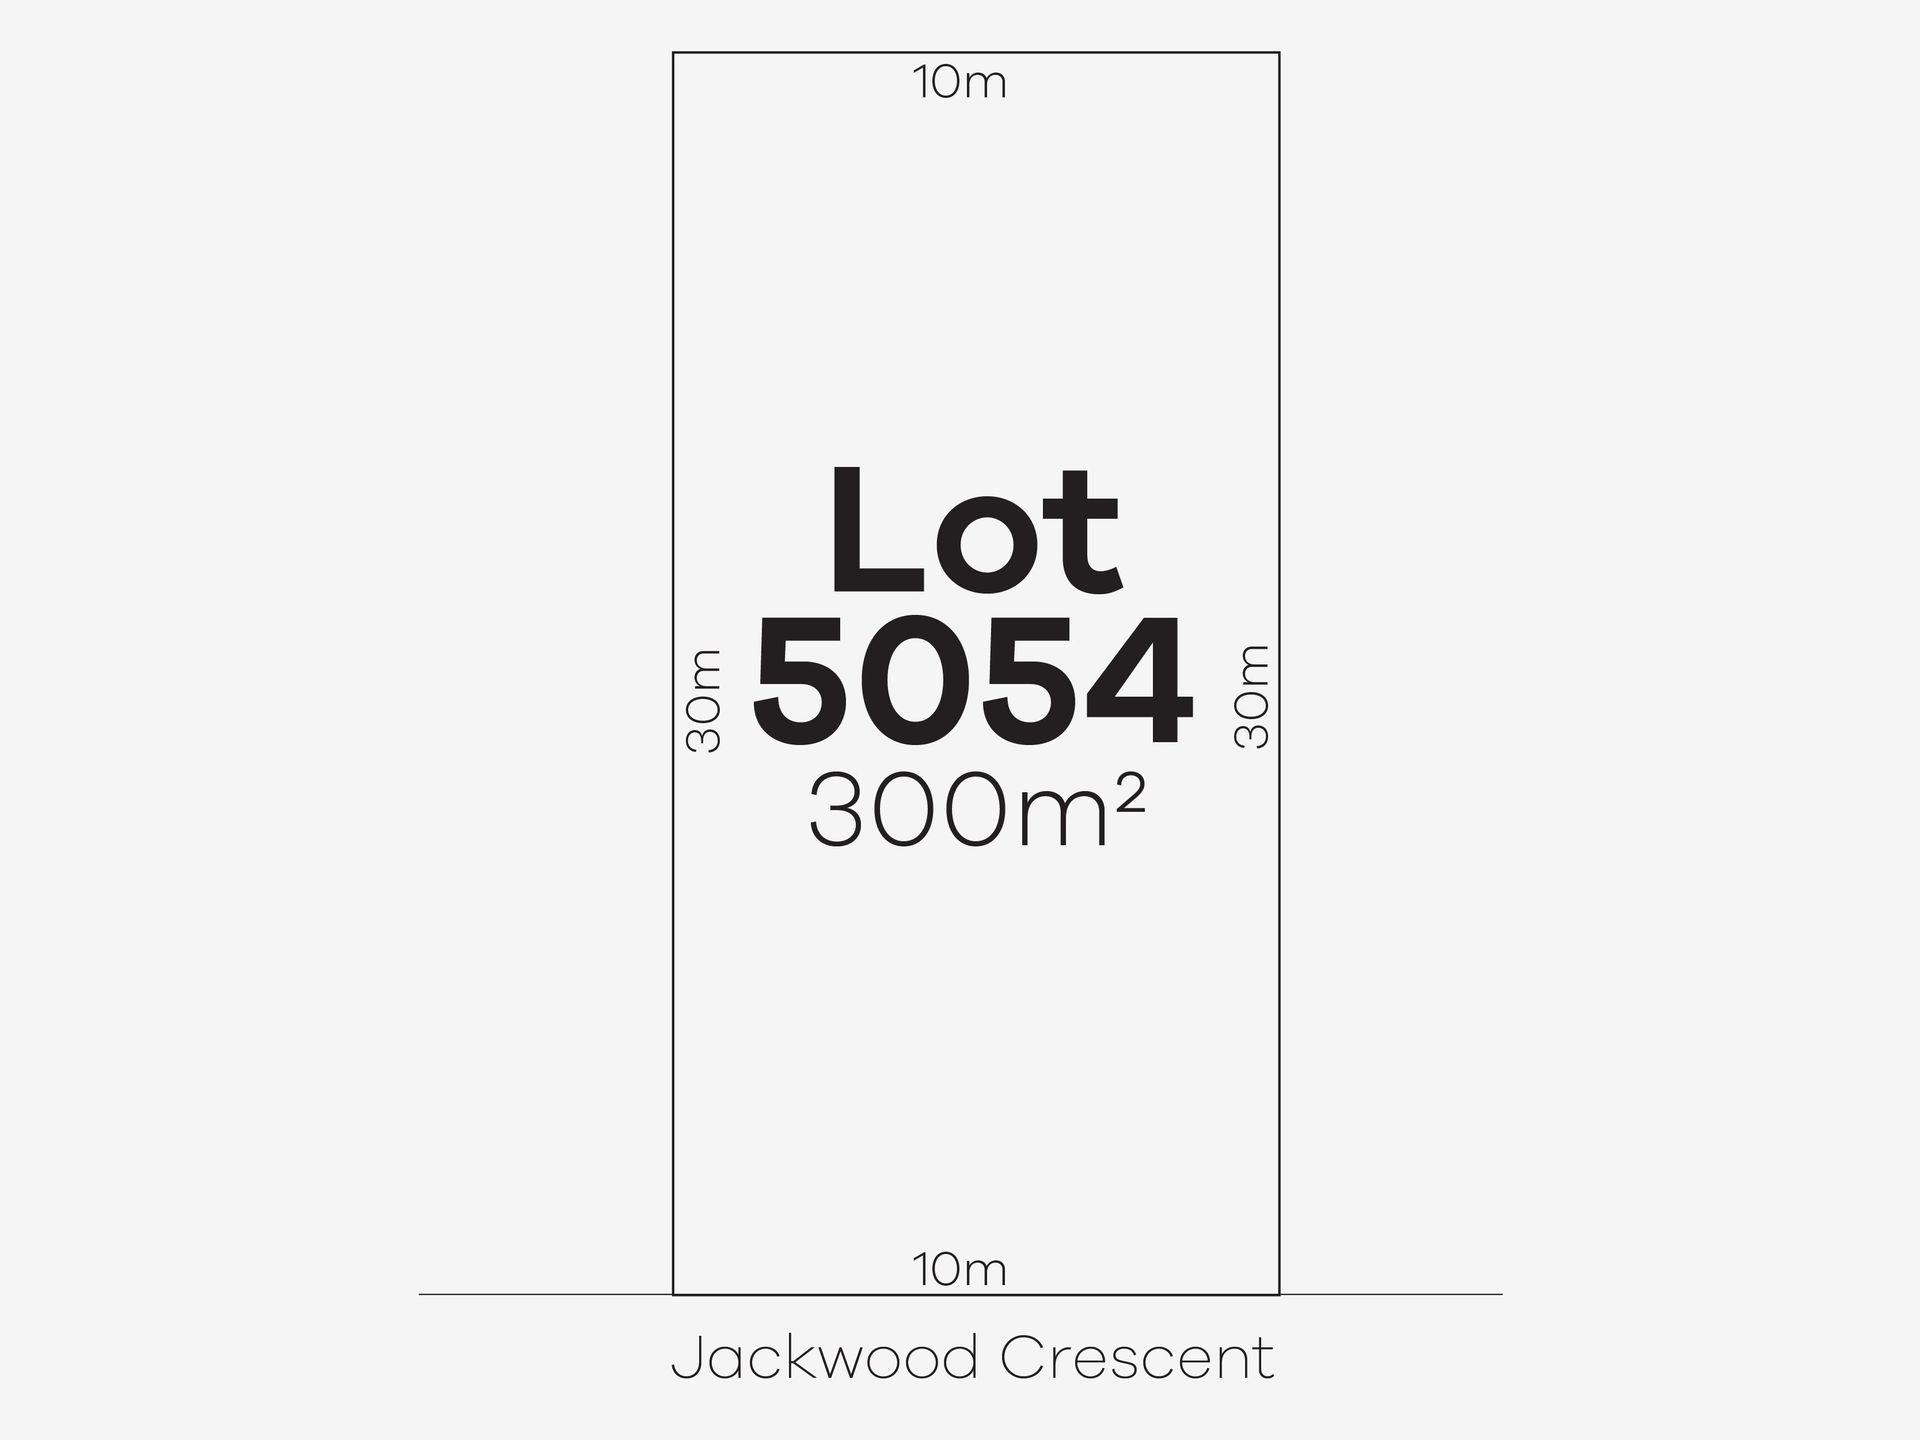 Marsden Park Lot 5054, Precinct 5, Newpark, Melonba